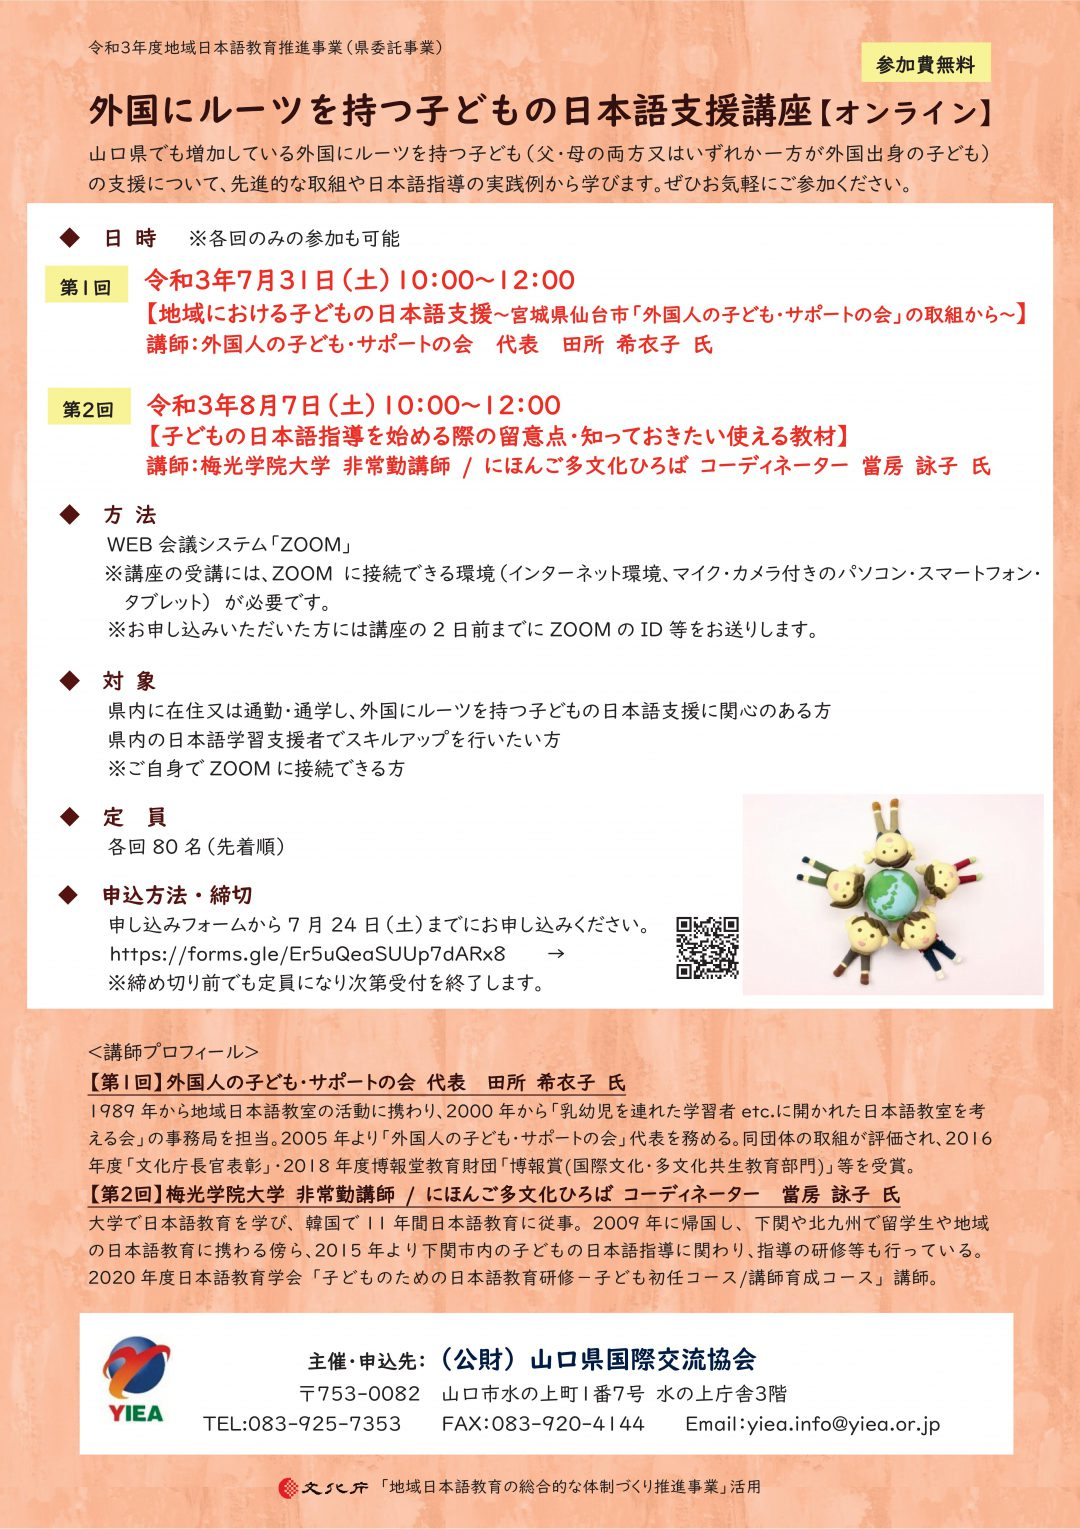 画像:令和3年度地域日本語教育推進事業(県委託事業)外国にルーツを持つ子どもの日本語支援講座【オンライン】(7/31・8/7)参加者募集